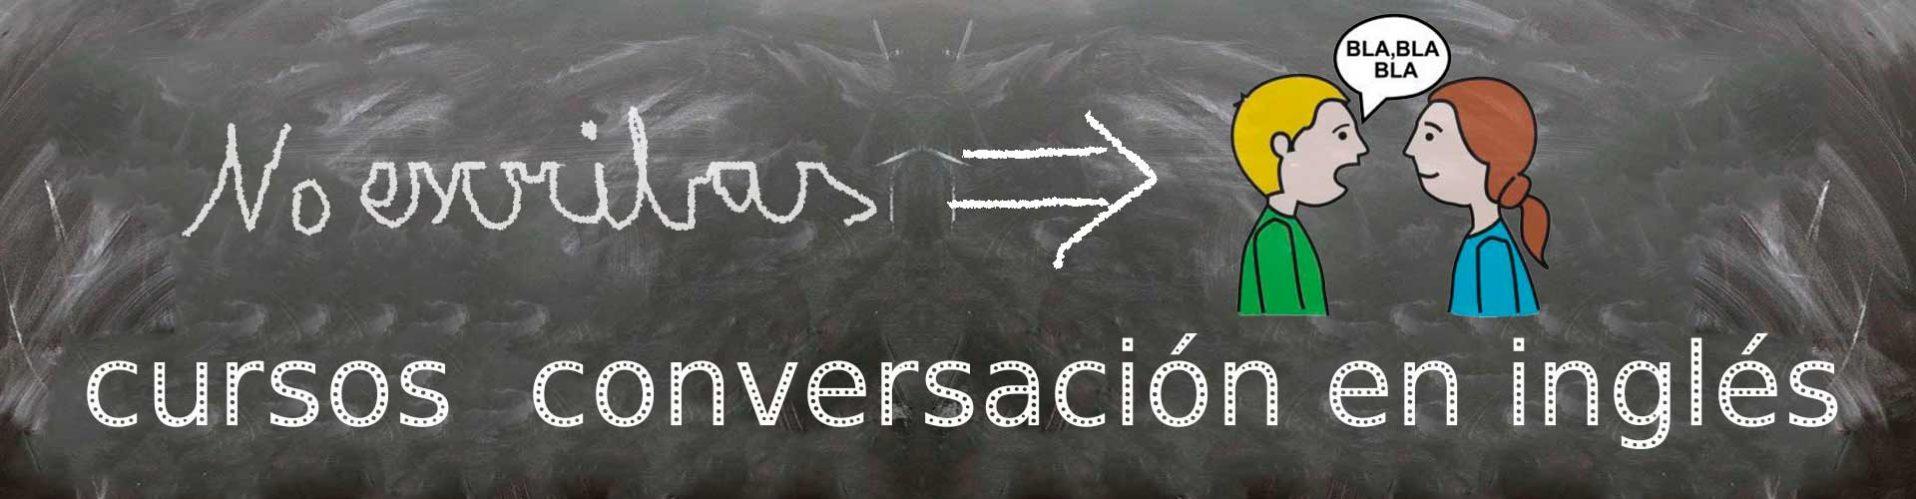 Curso de conversación